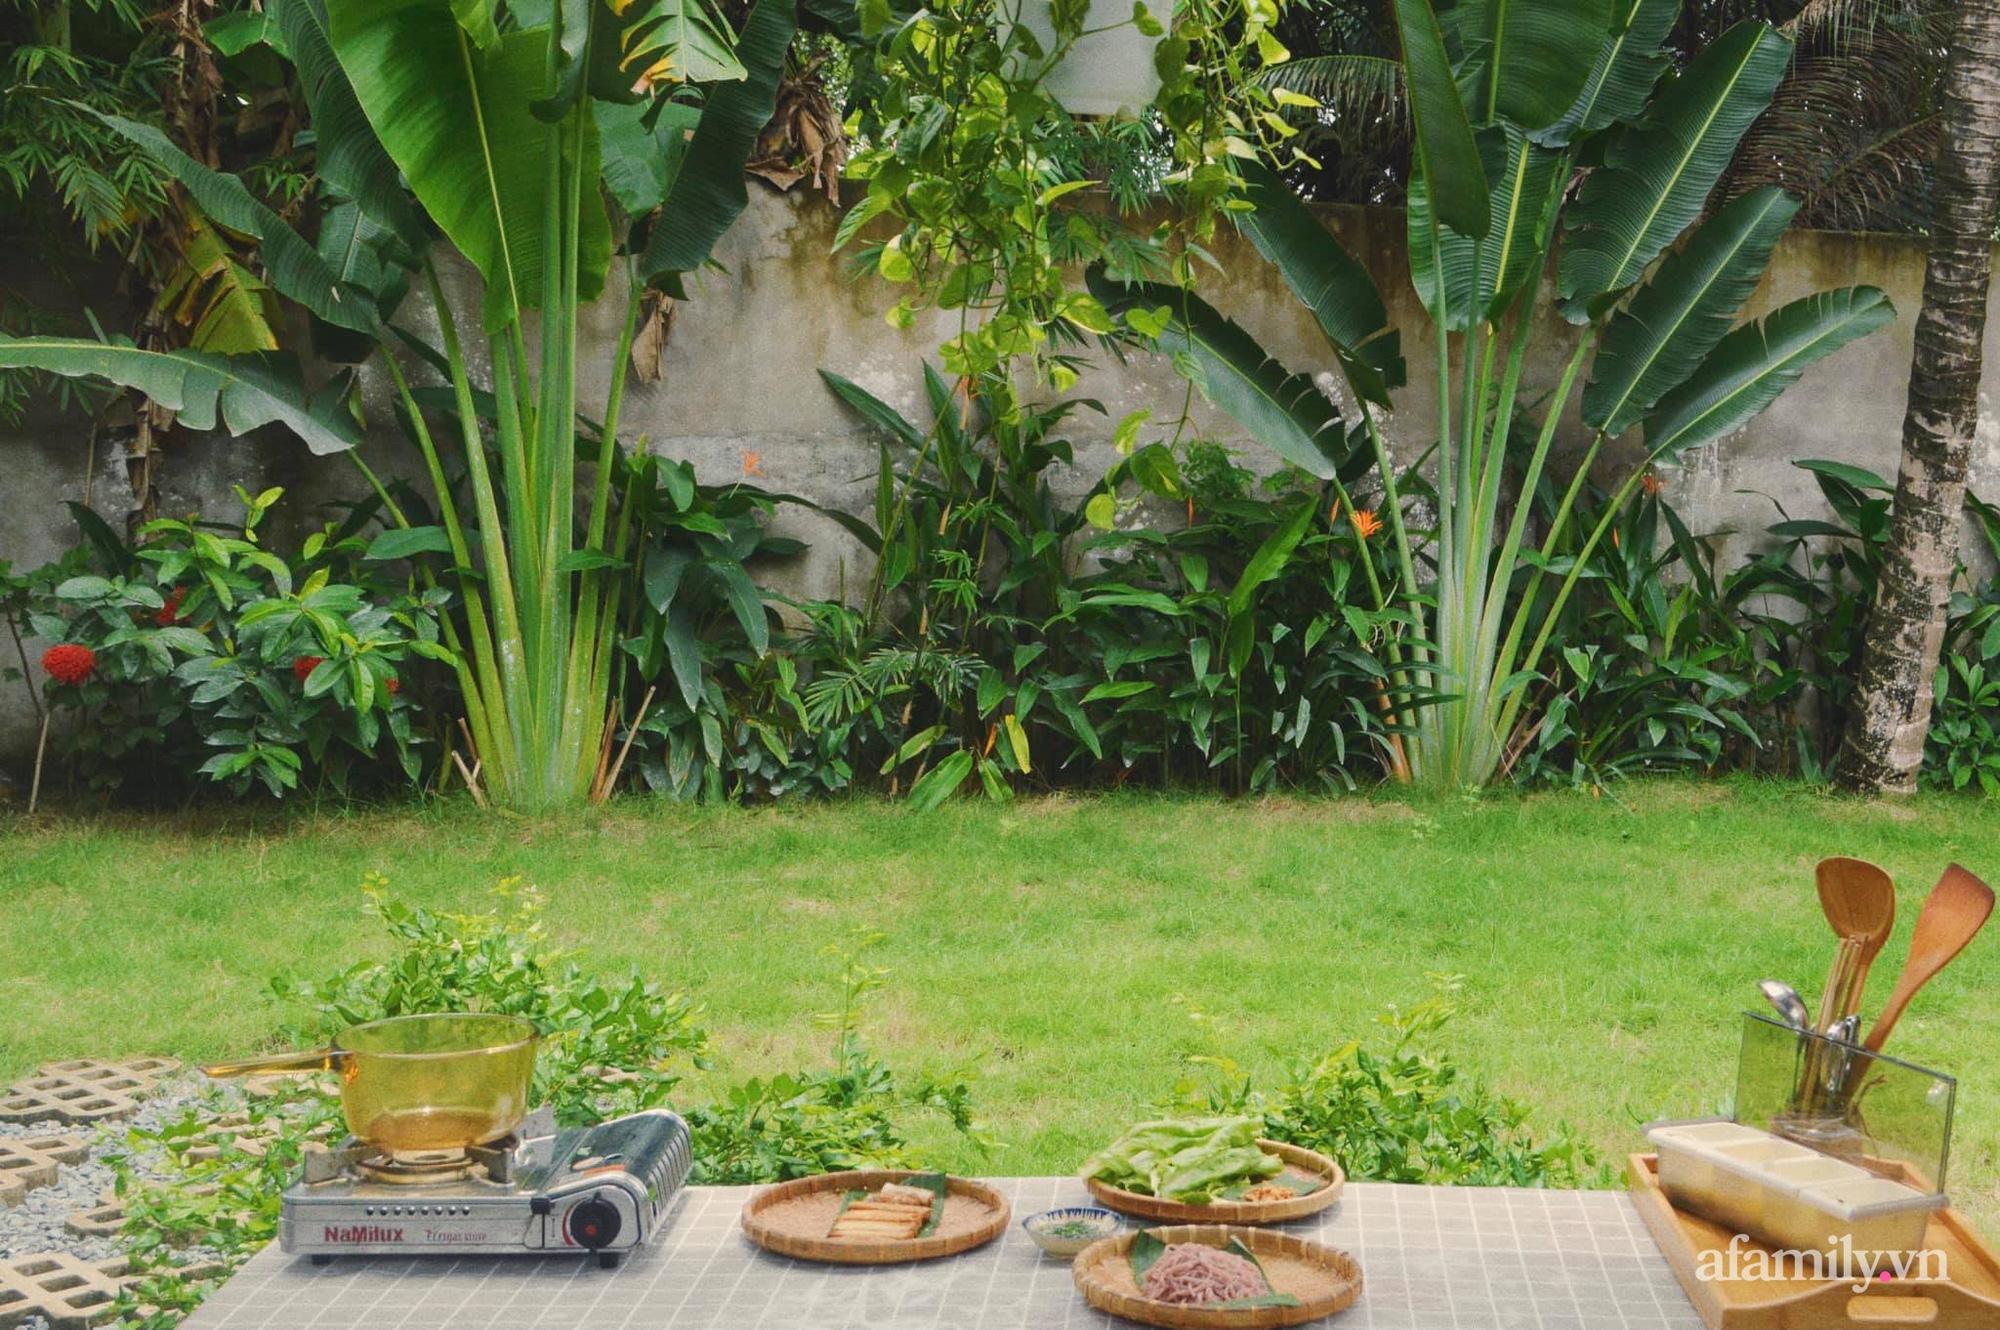 Sở hữu mảnh vườn thật chill, chàng trai trẻ Kiên Giang yên tâm nấu ăn, đọc sách ngắm cây những ngày giãn cách - Ảnh 14.